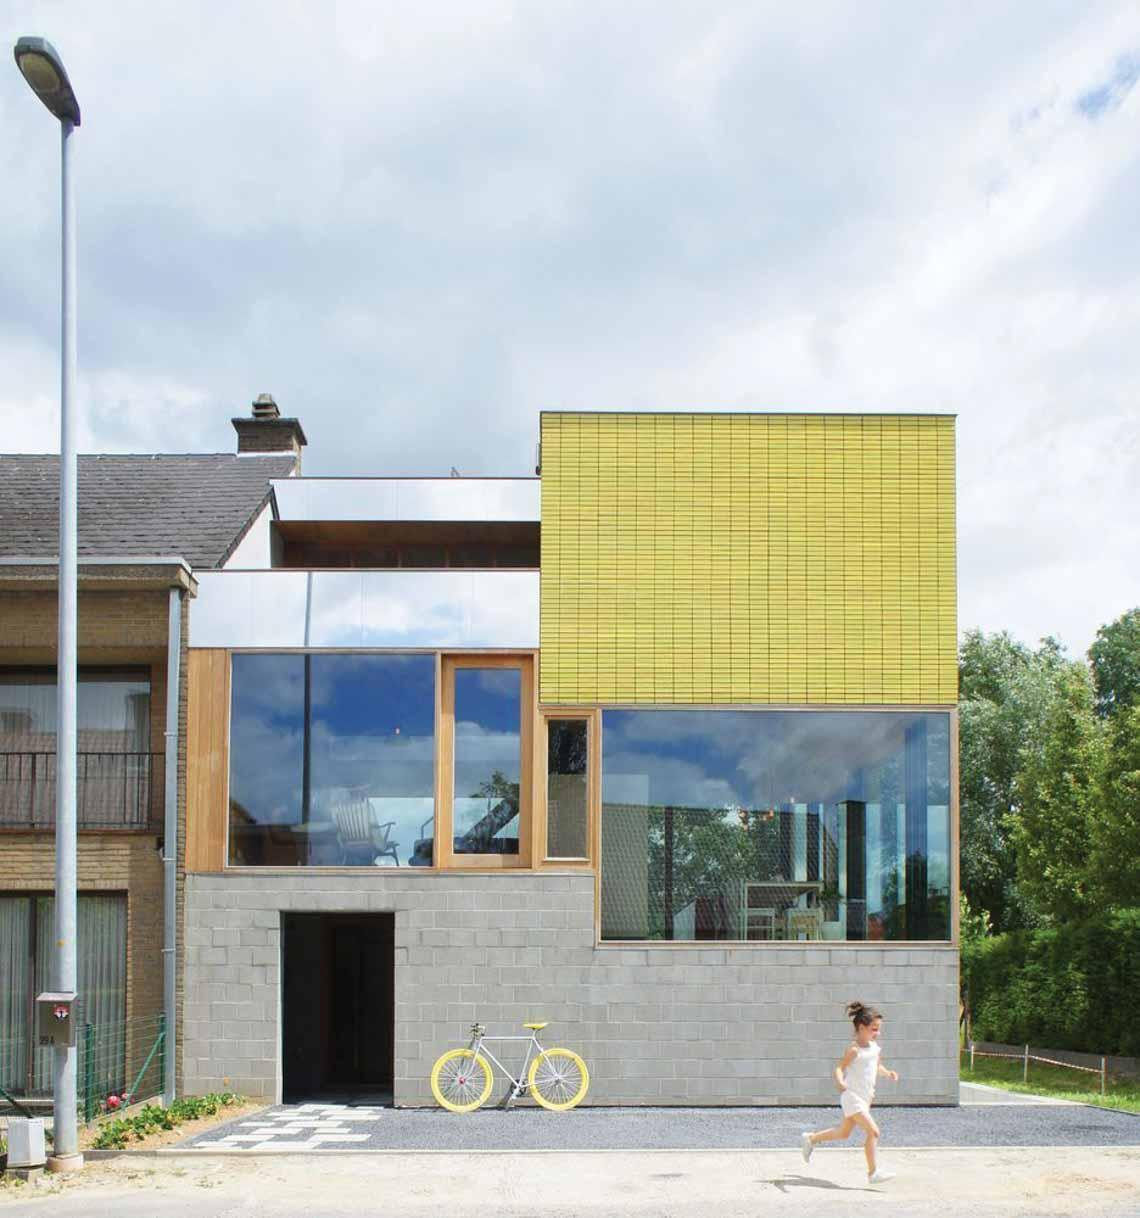 Màu của năm 2021 Pantone: Vàng và xám trong kiến trúc - 1